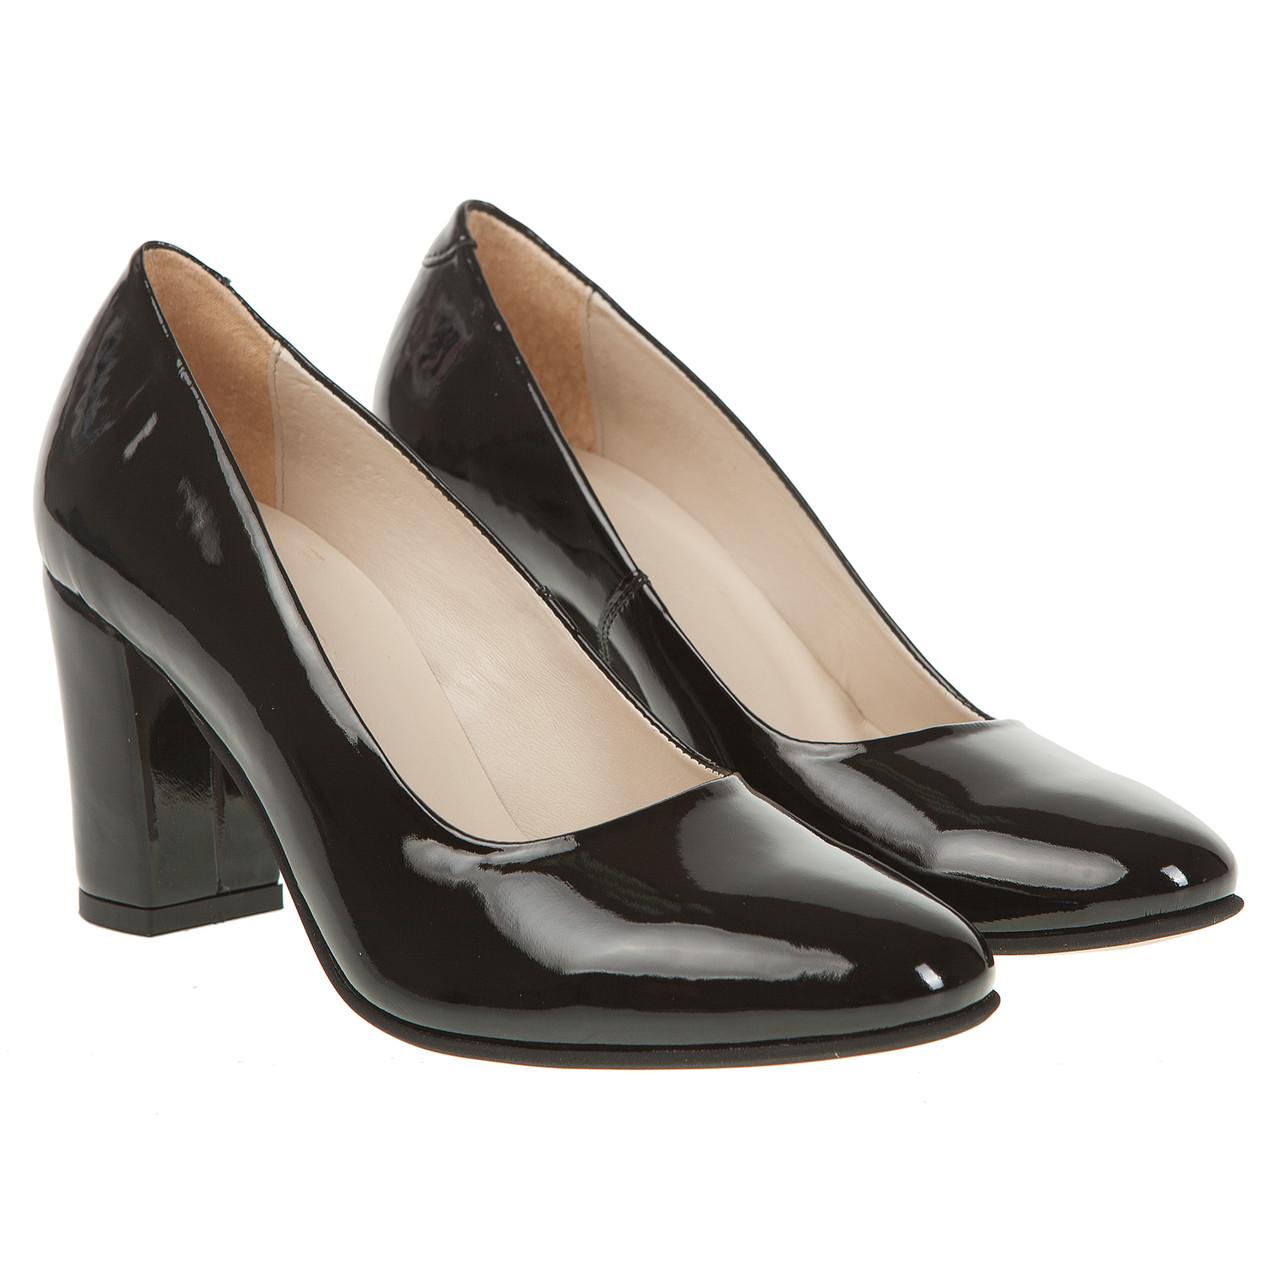 Туфли женские Capriccio (черные, на устойчивом каблуке, удобные, классические)